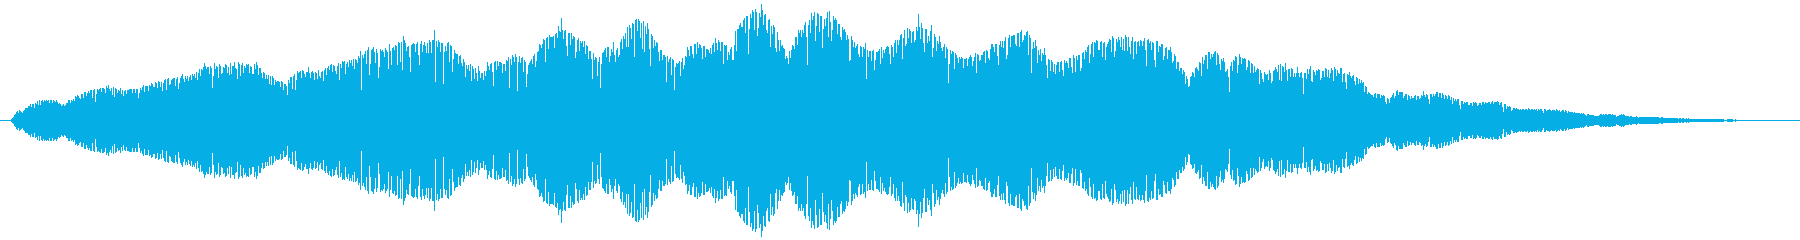 ブーン、とハエが飛ぶ音ですの再生済みの波形